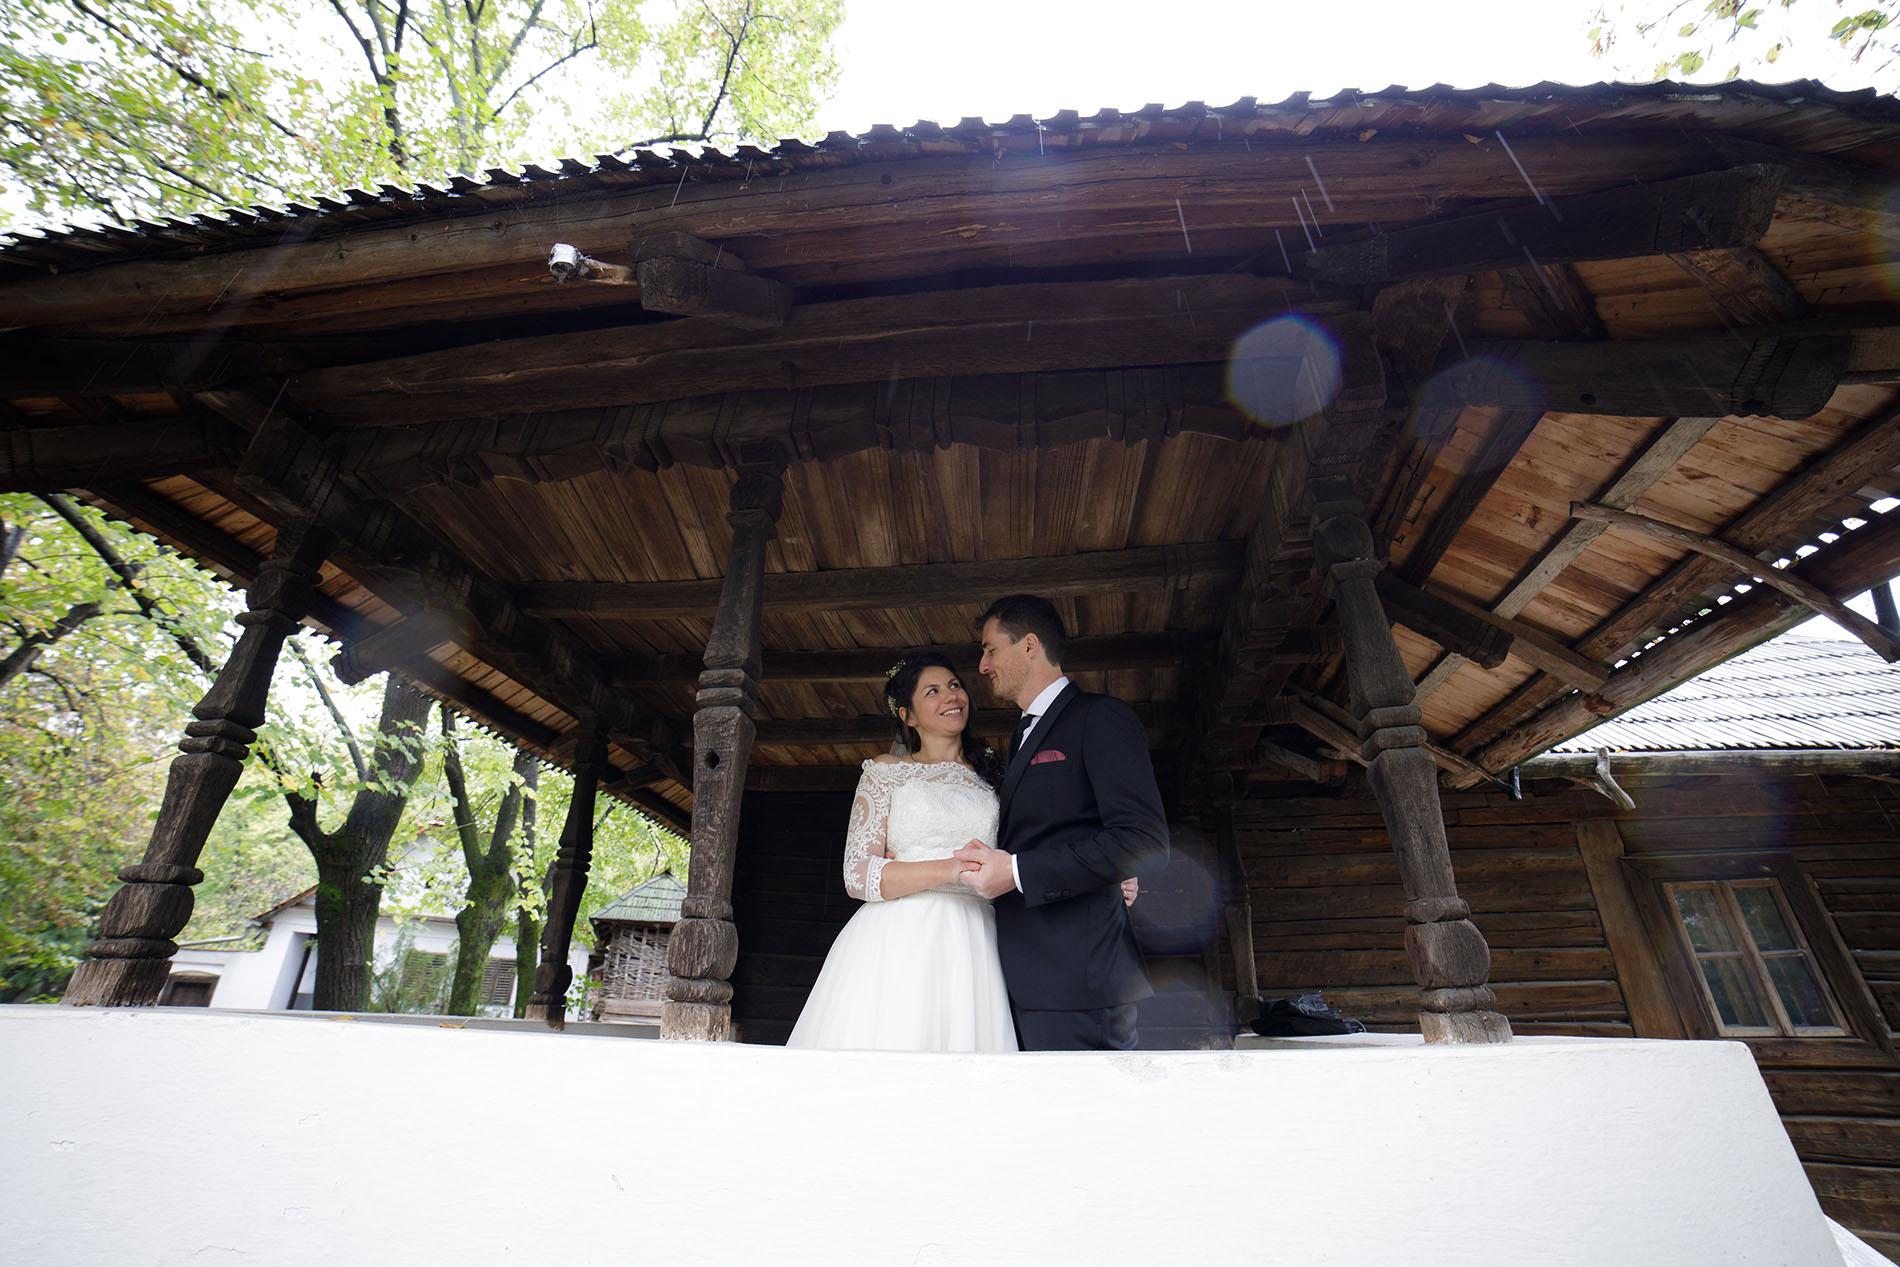 sedinta foto, nunta in ploaie